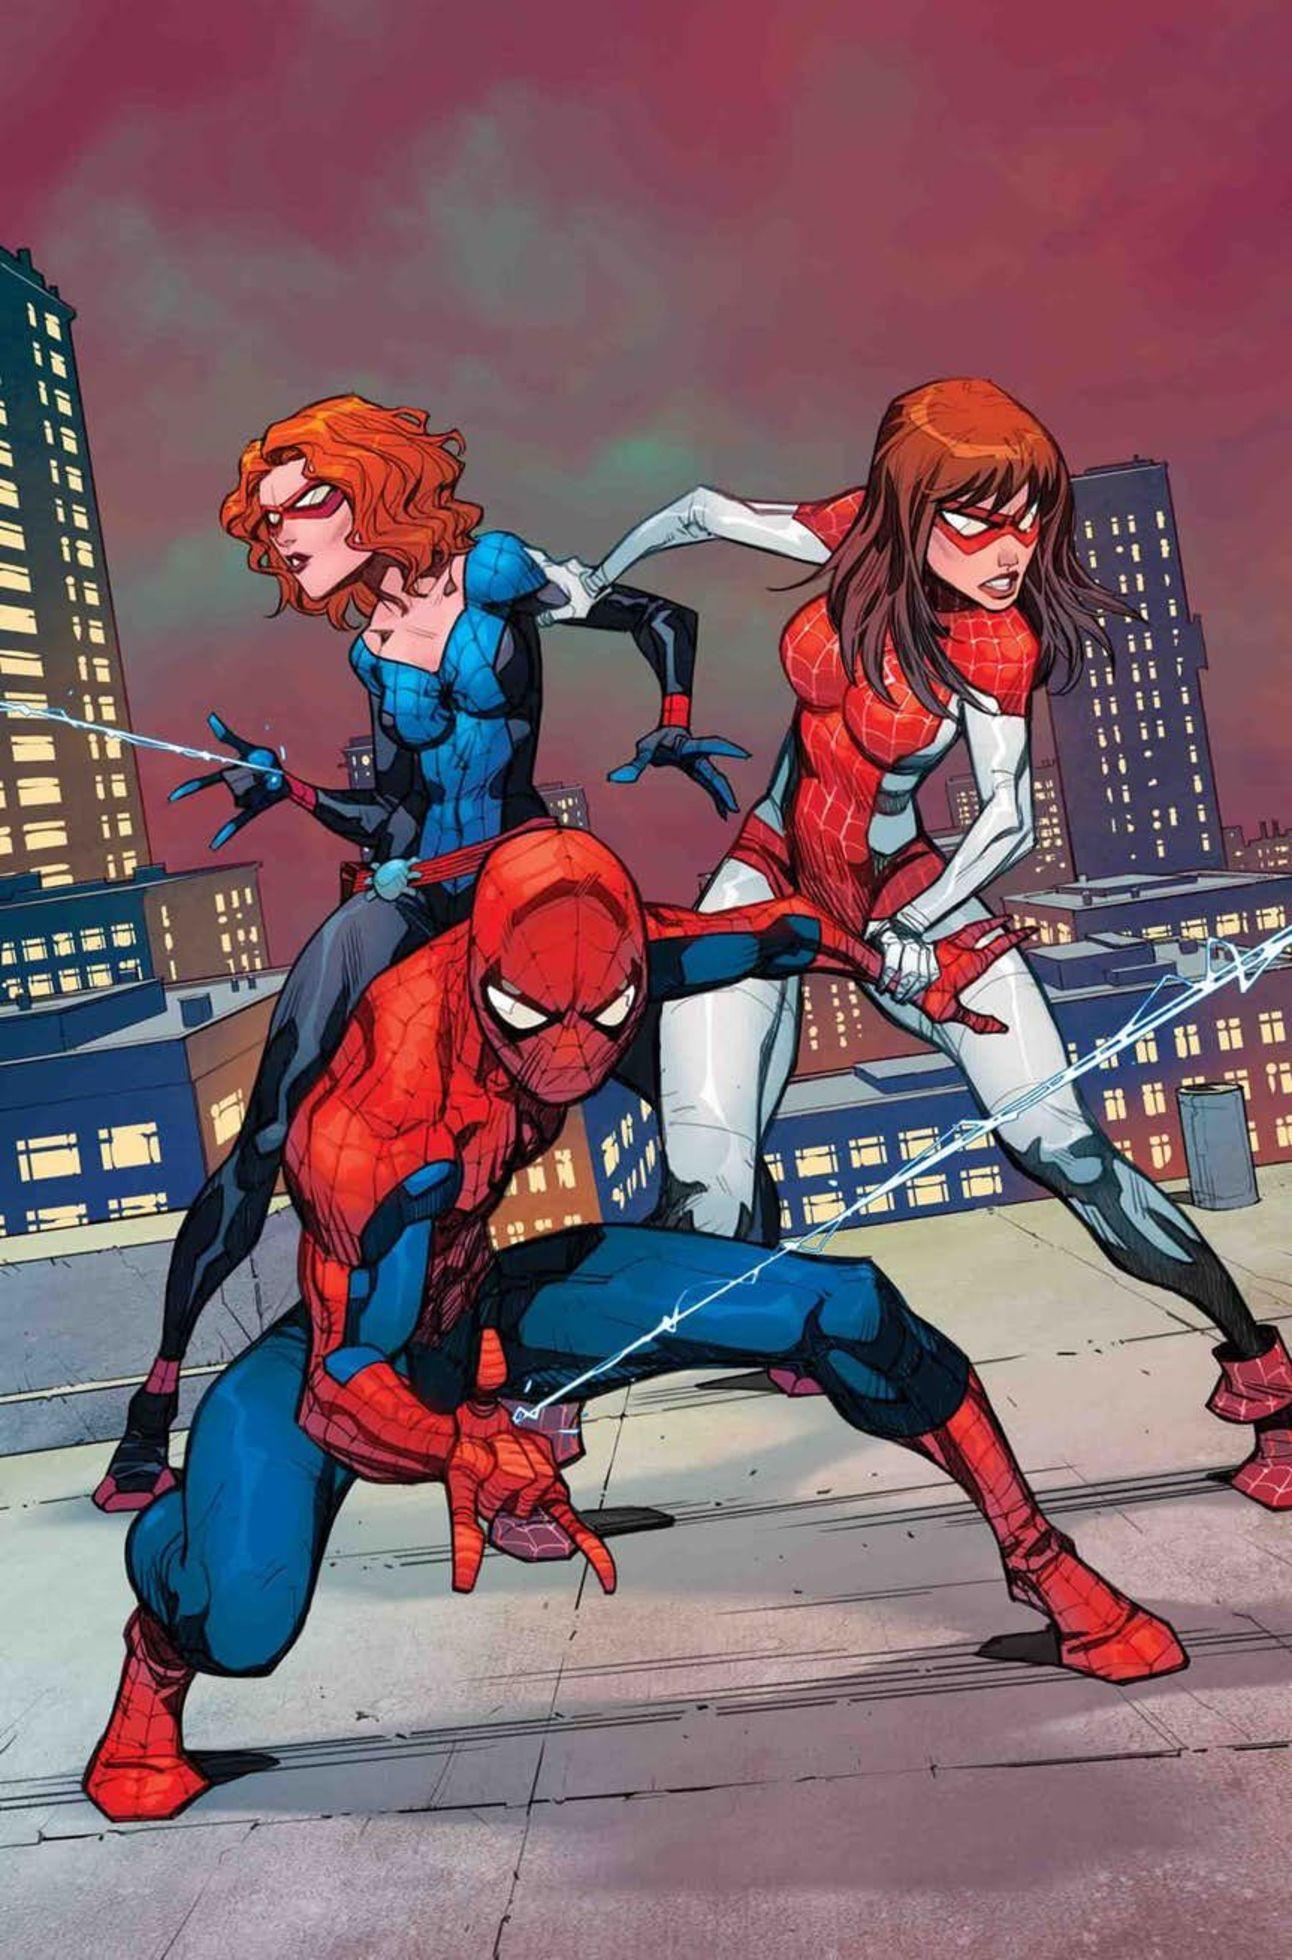 MarvelSeptember25